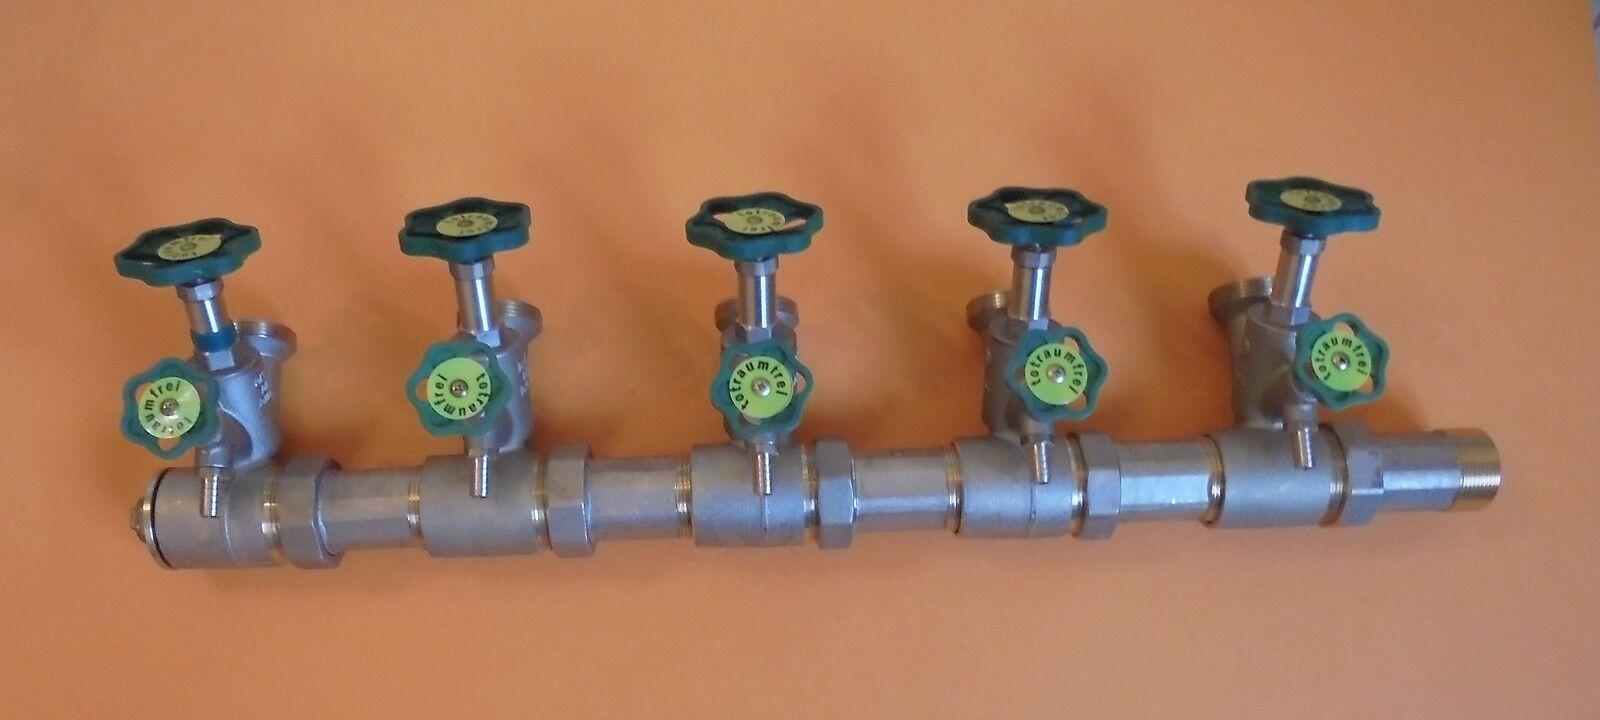 Schlößer Verteiler Kompaktverteiler Wasserverteiler DN40 5fach   9300202+9300224